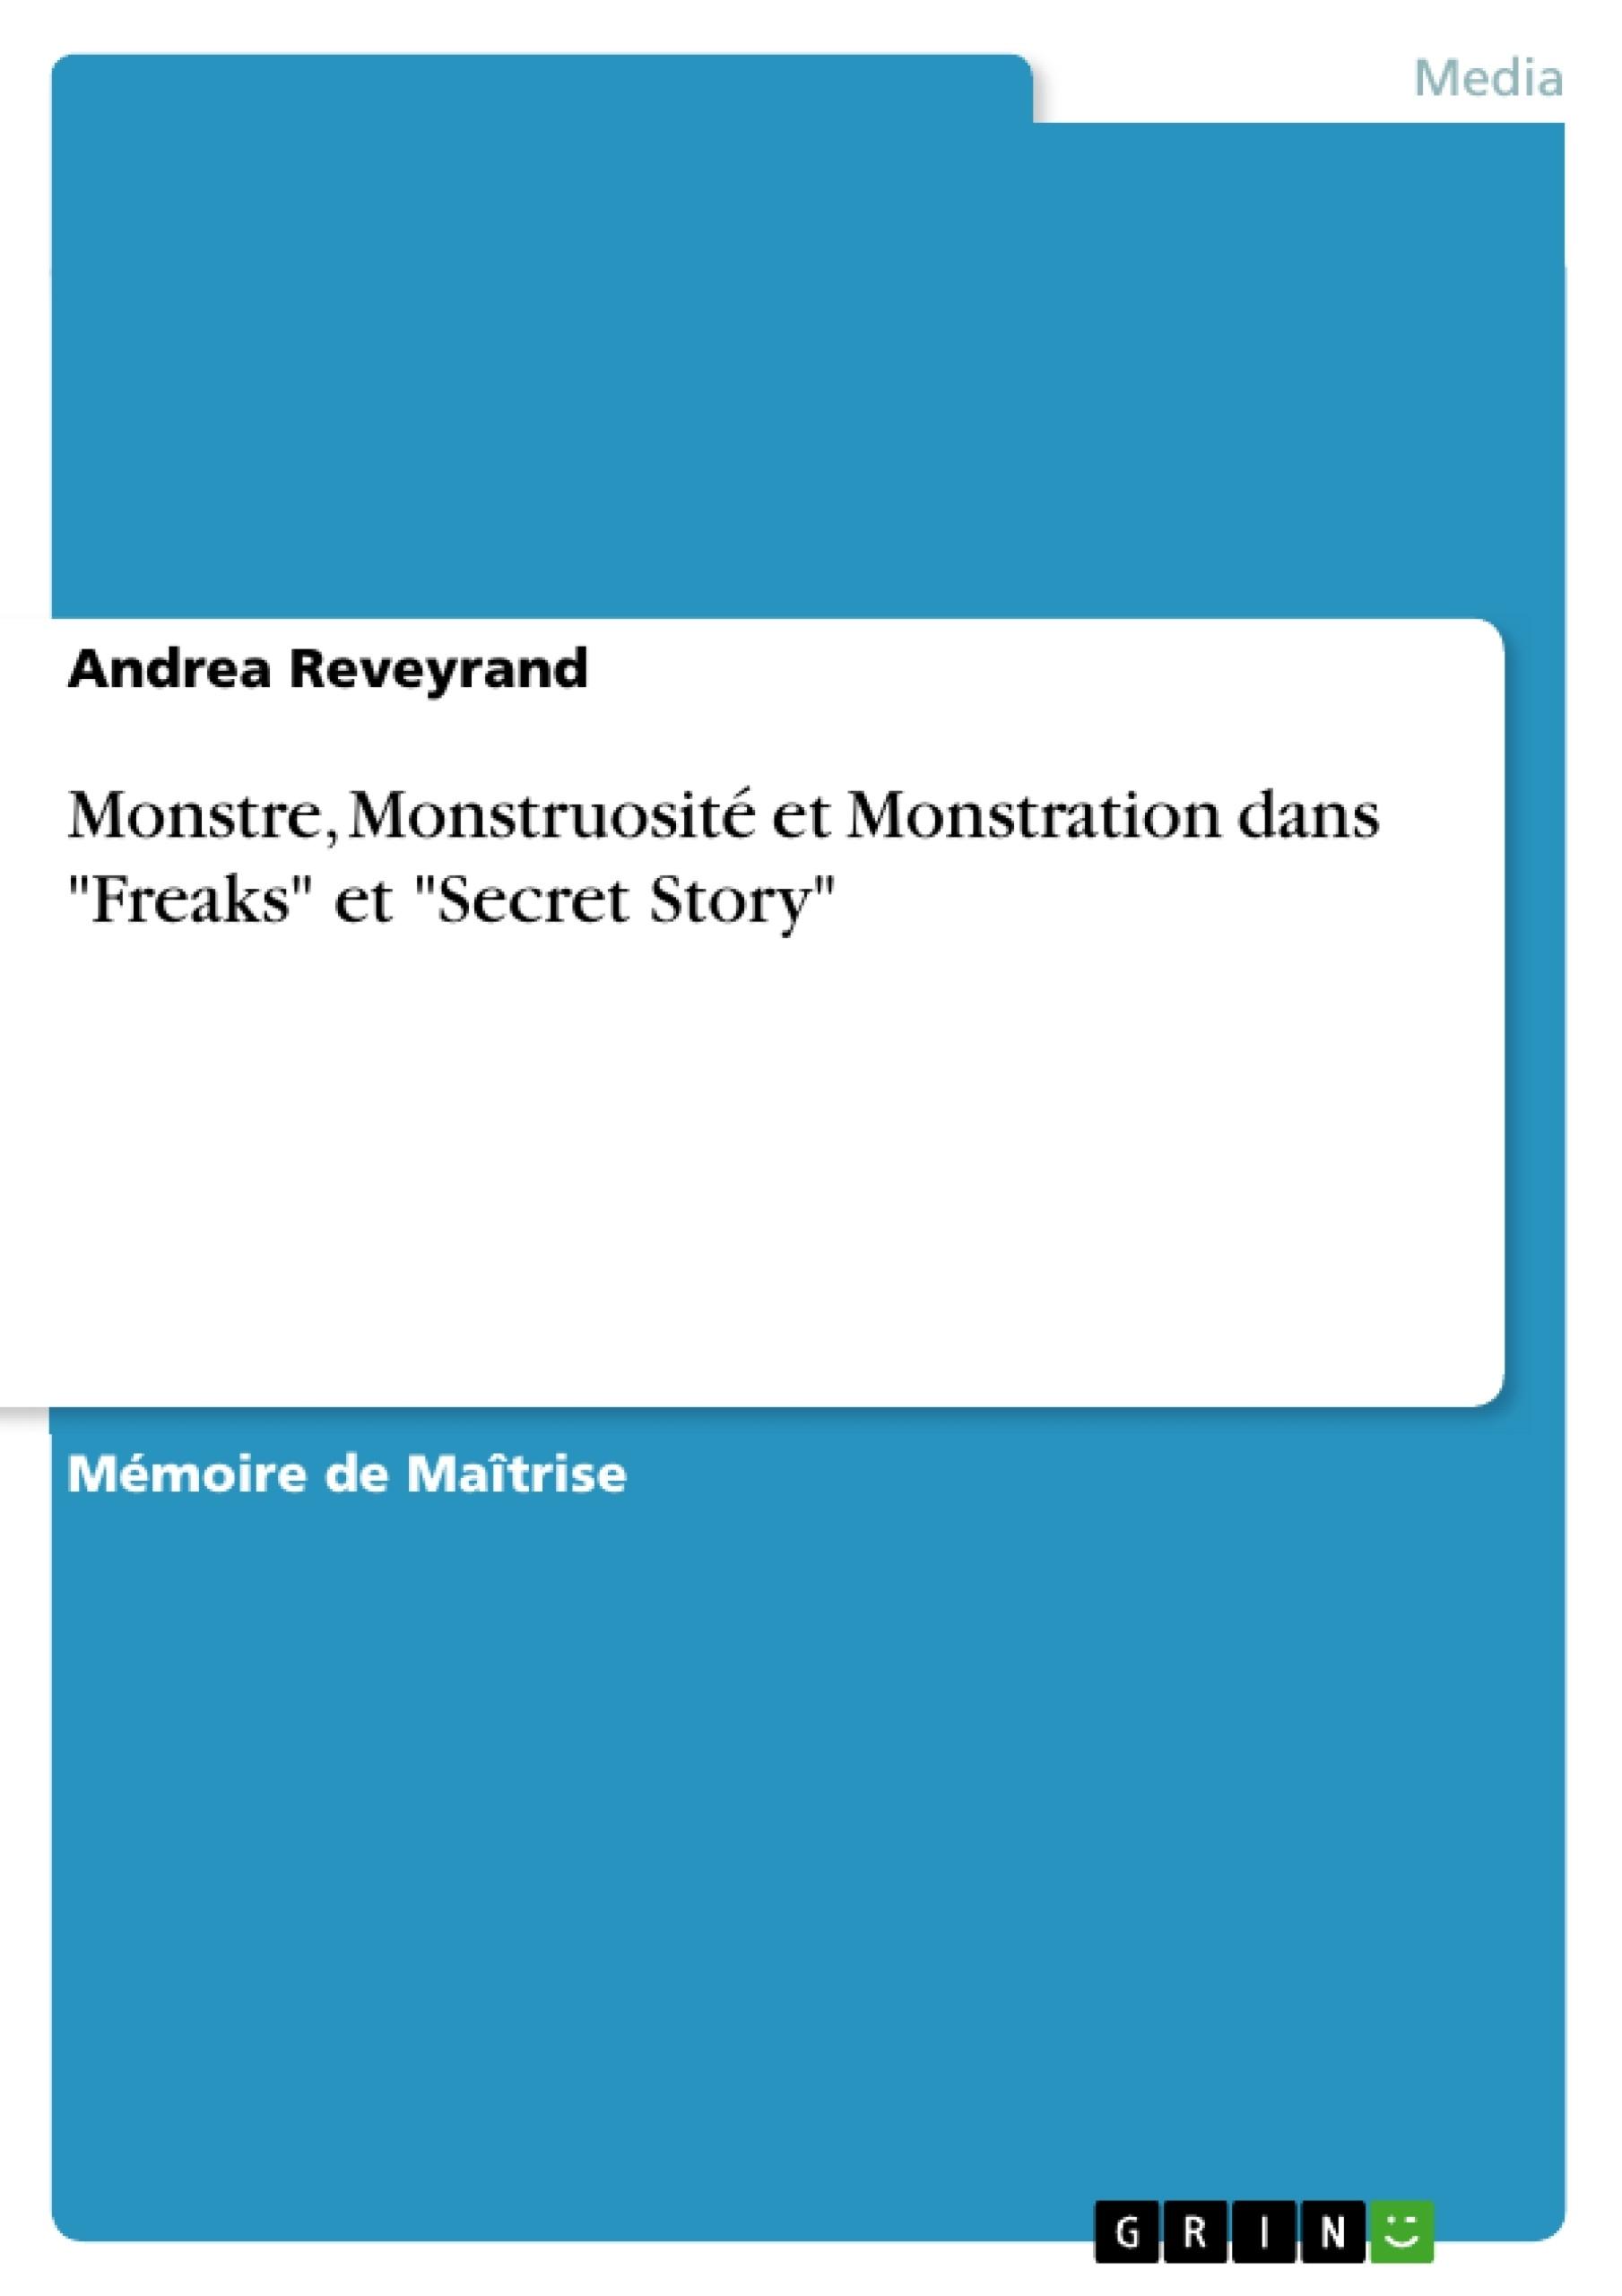 """Titre: Monstre, Monstruosité et Monstration dans """"Freaks"""" et """"Secret Story"""""""